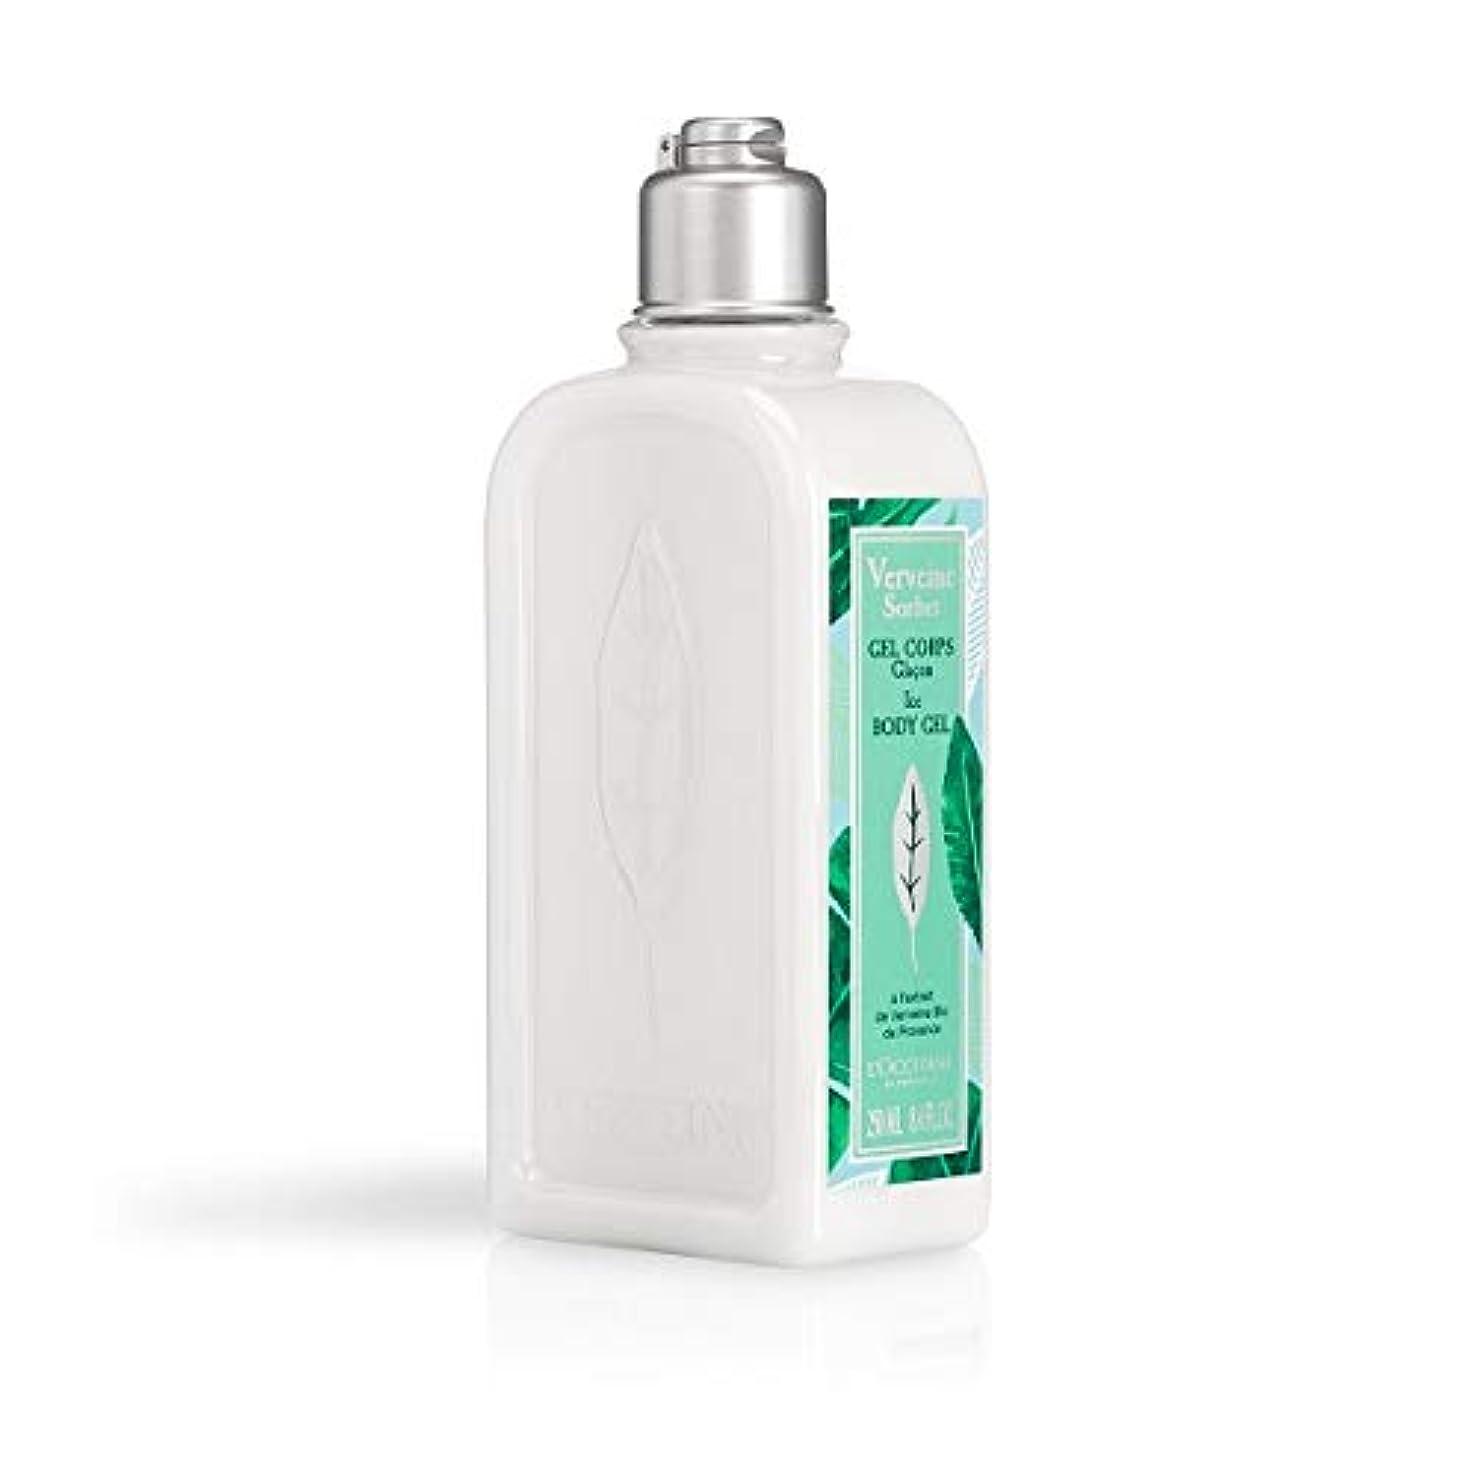 抵当割り当て老人ロクシタン(L'OCCITANE) ミントウ゛ァーベナ ソルベボディジェル 250ml(ボディ用乳液)